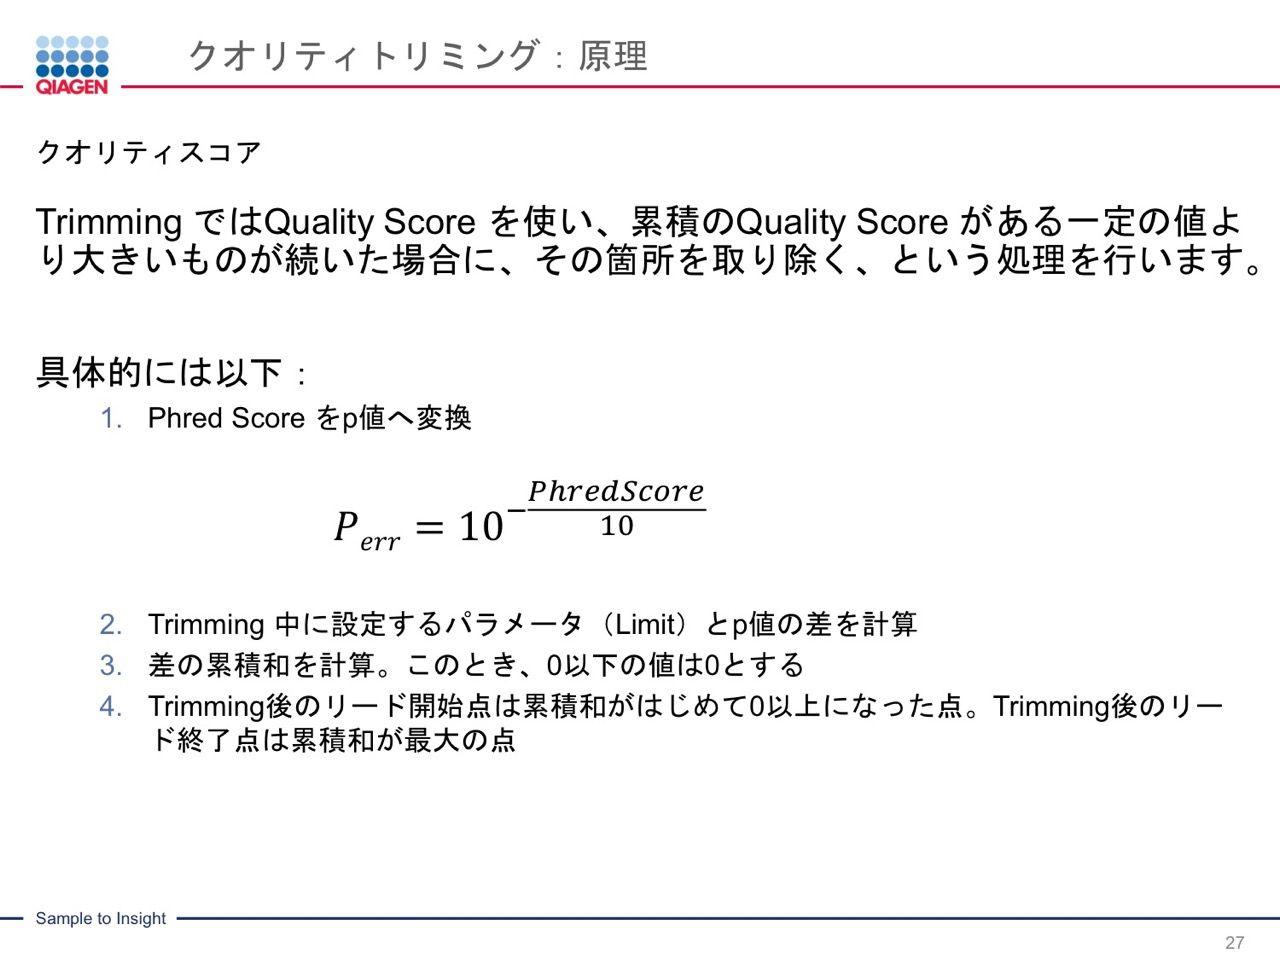 images/AJACSa2_miyamoto_027.jpg